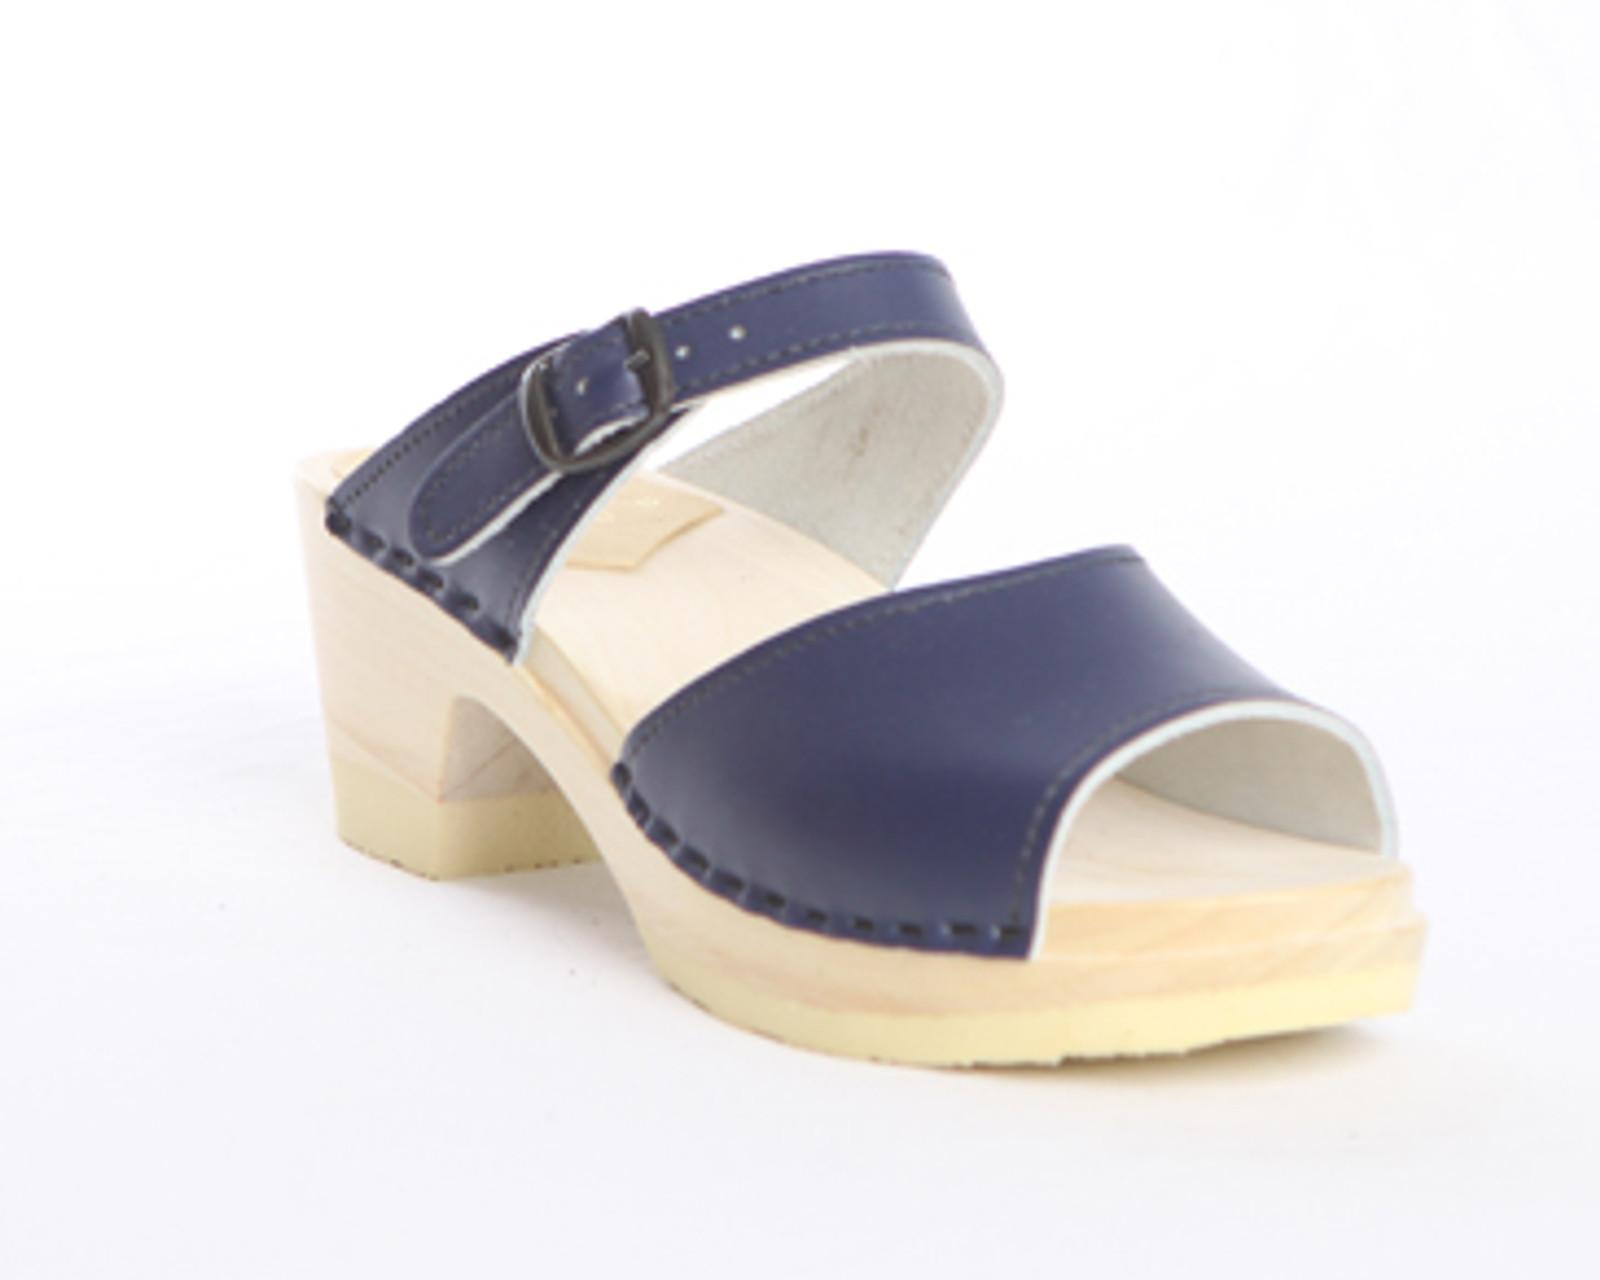 Sandal Clogs - Mid Heels